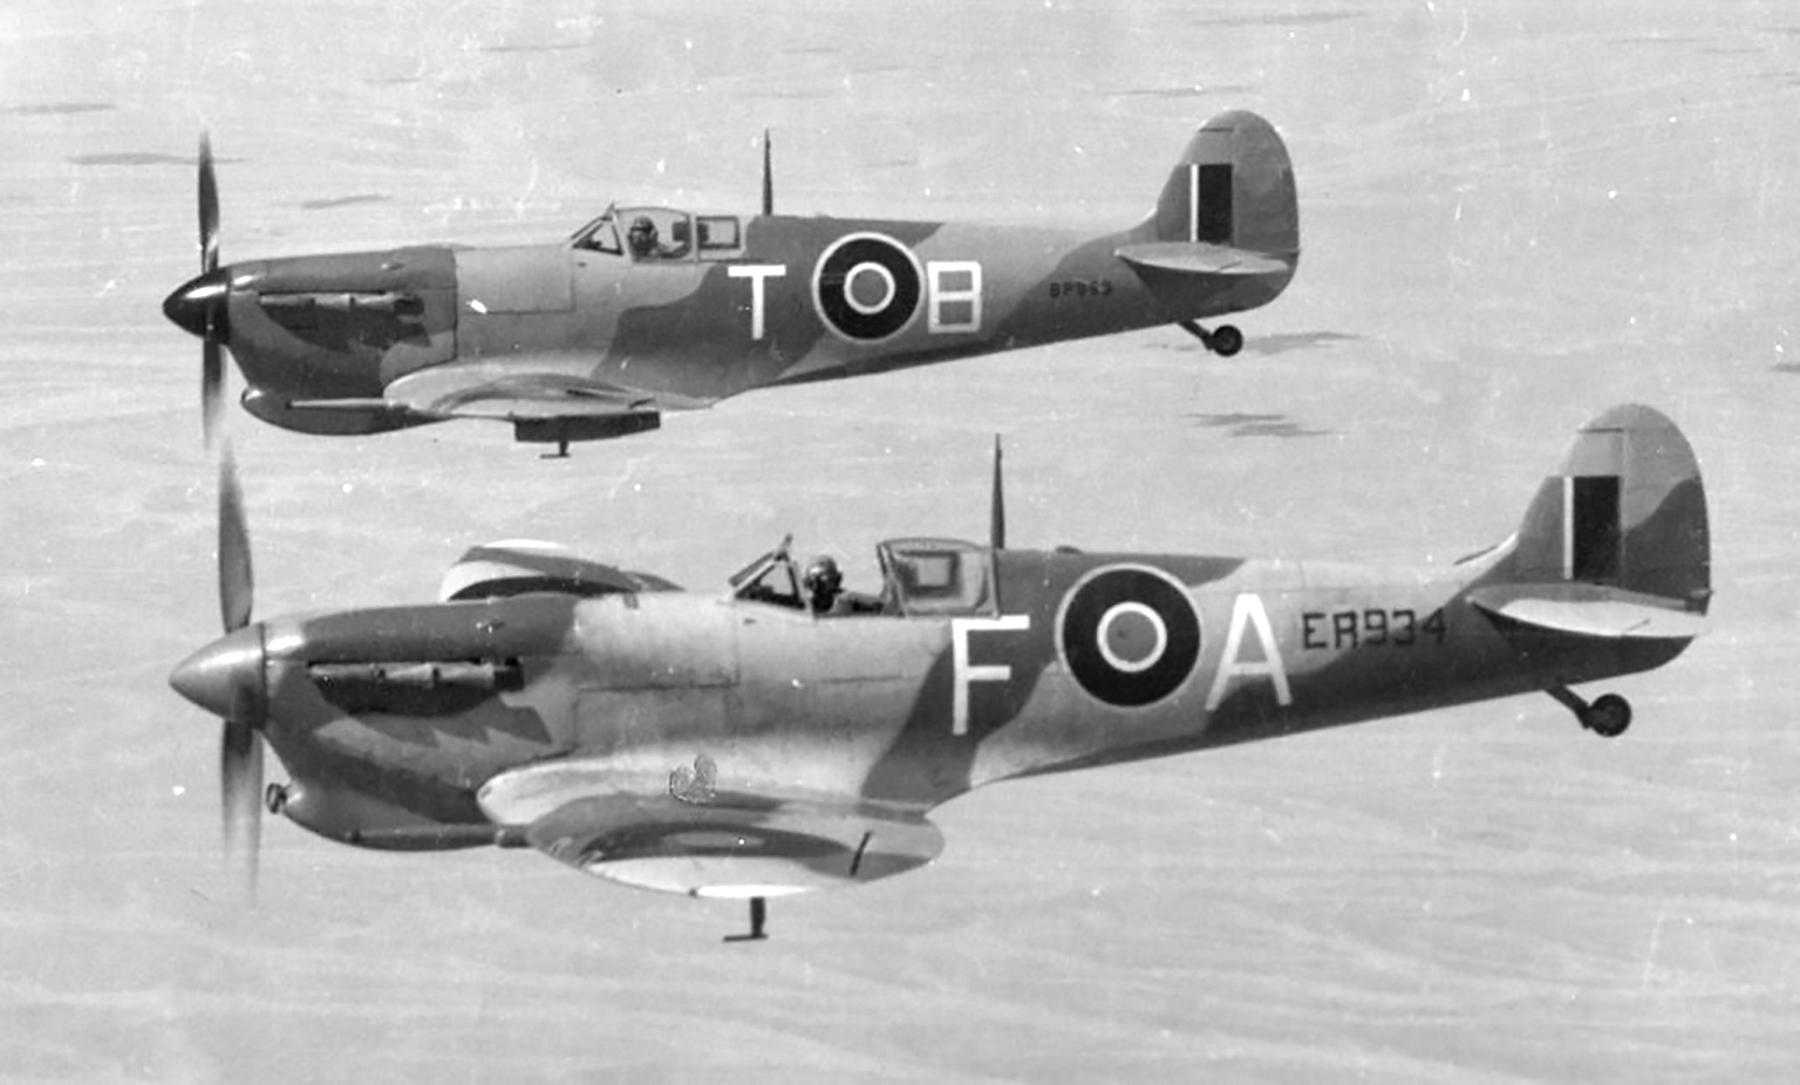 Spitfire MkVcTrop SAAF 73OTU FA ER934 over Egypt 03